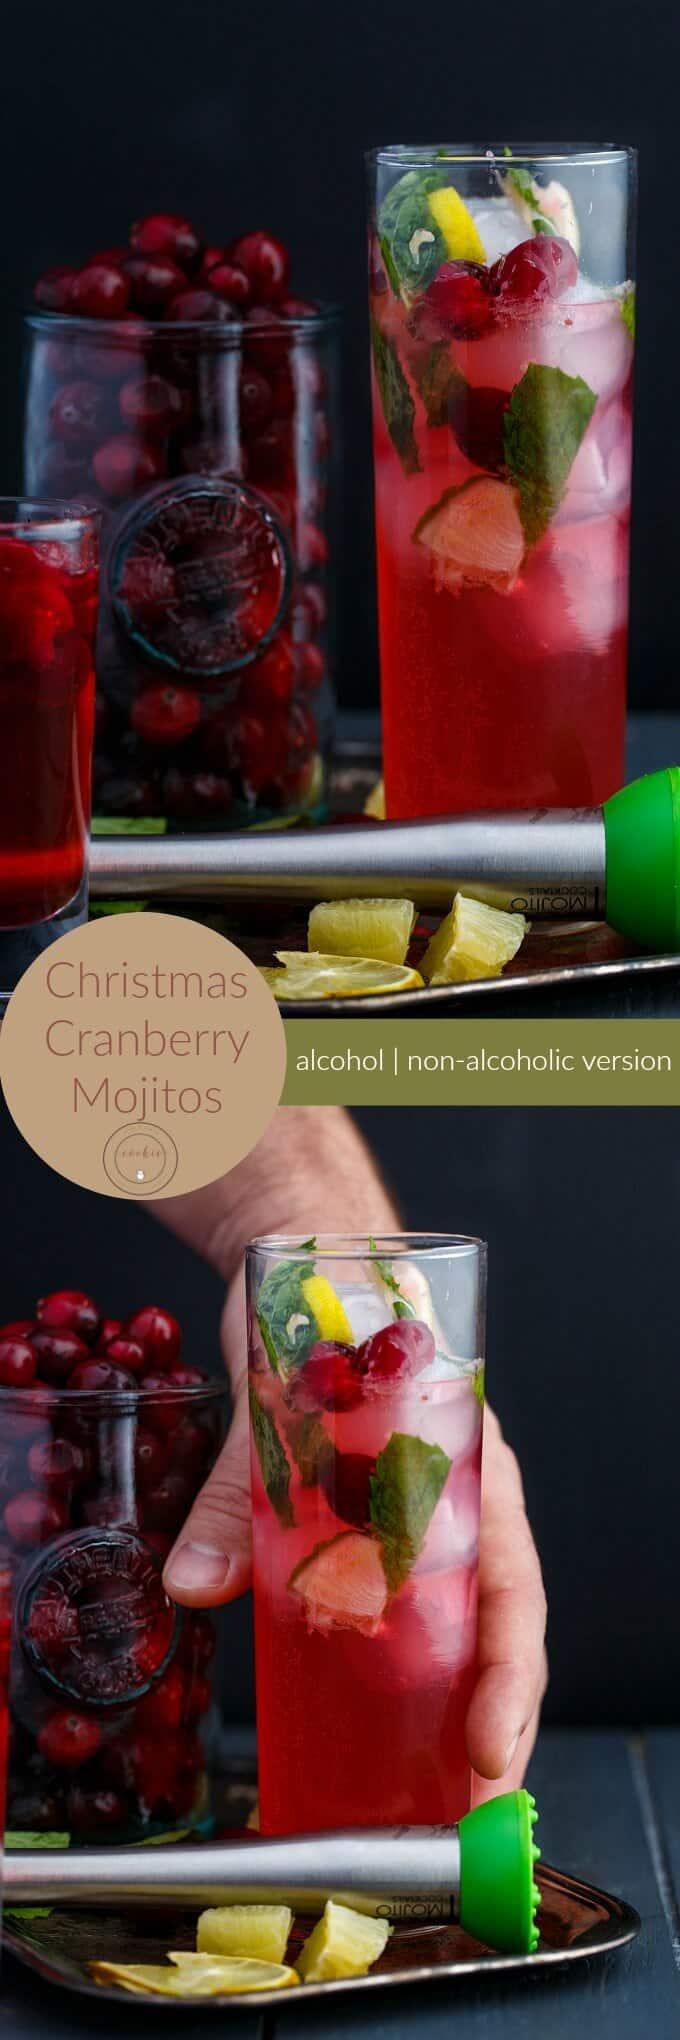 Christmas Cranberry Mojitos